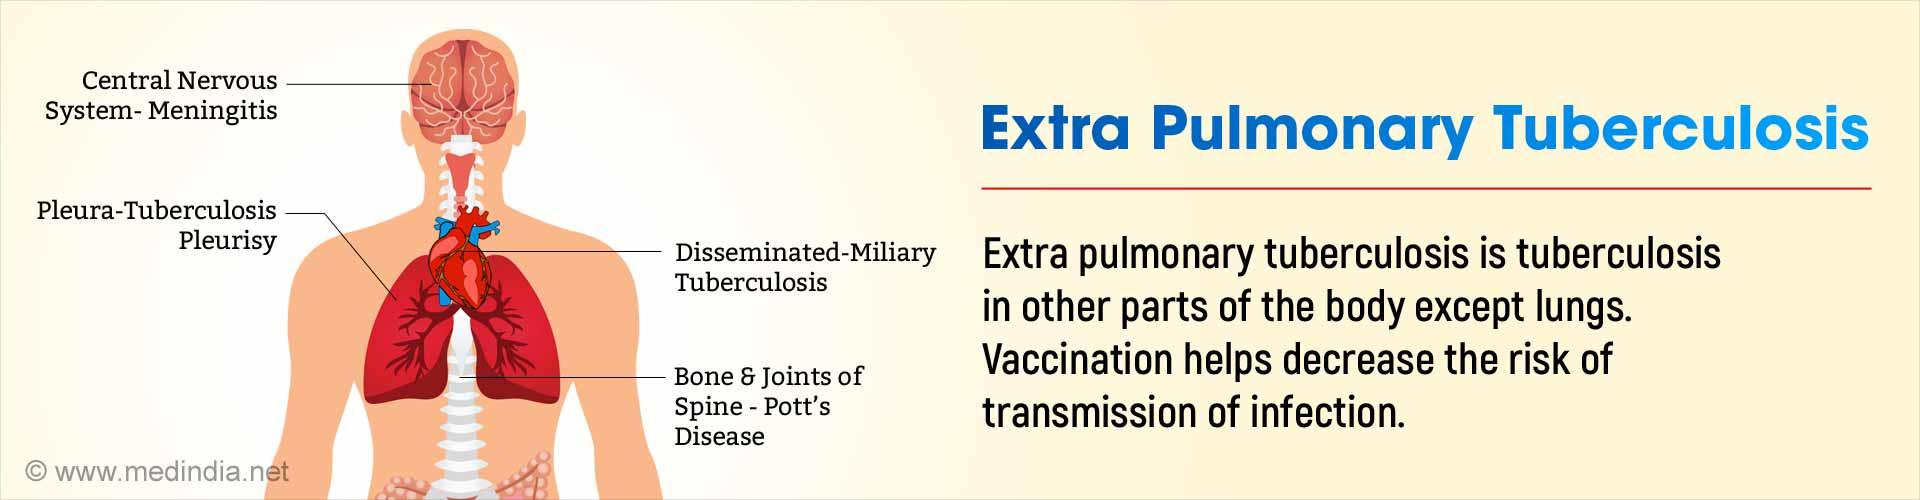 Extra Pulmonary Tuberculosis